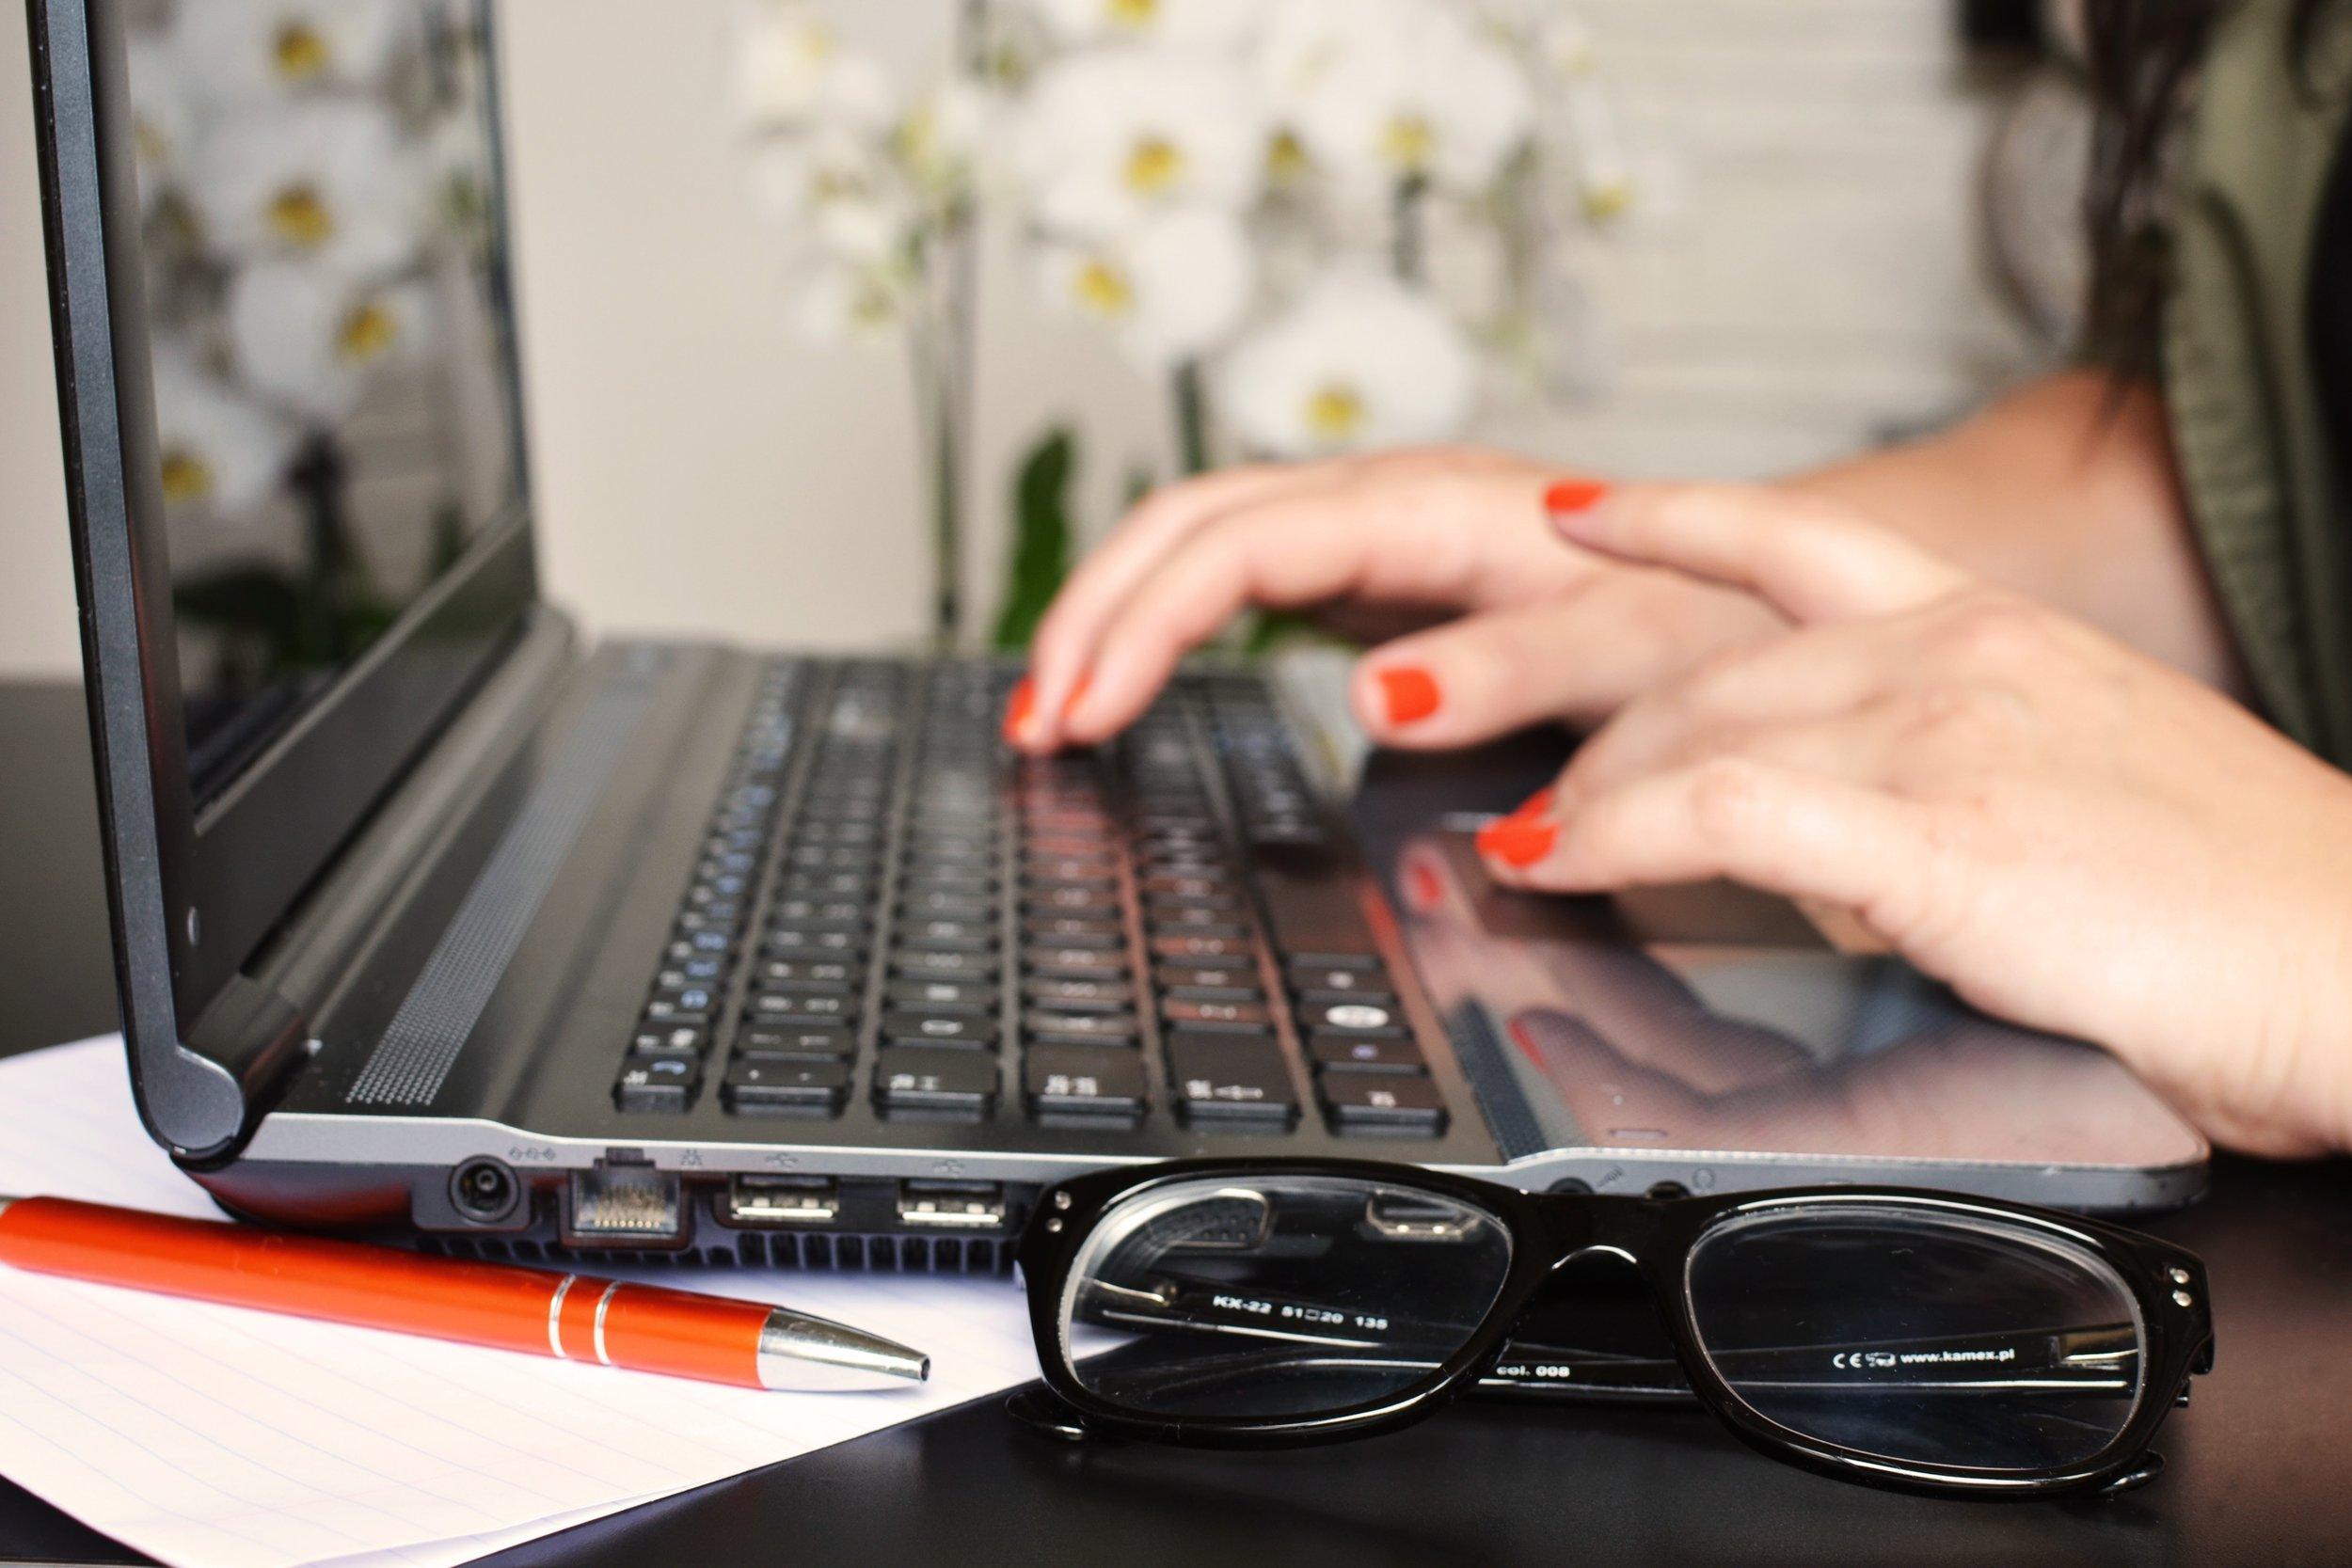 woman editing at computer